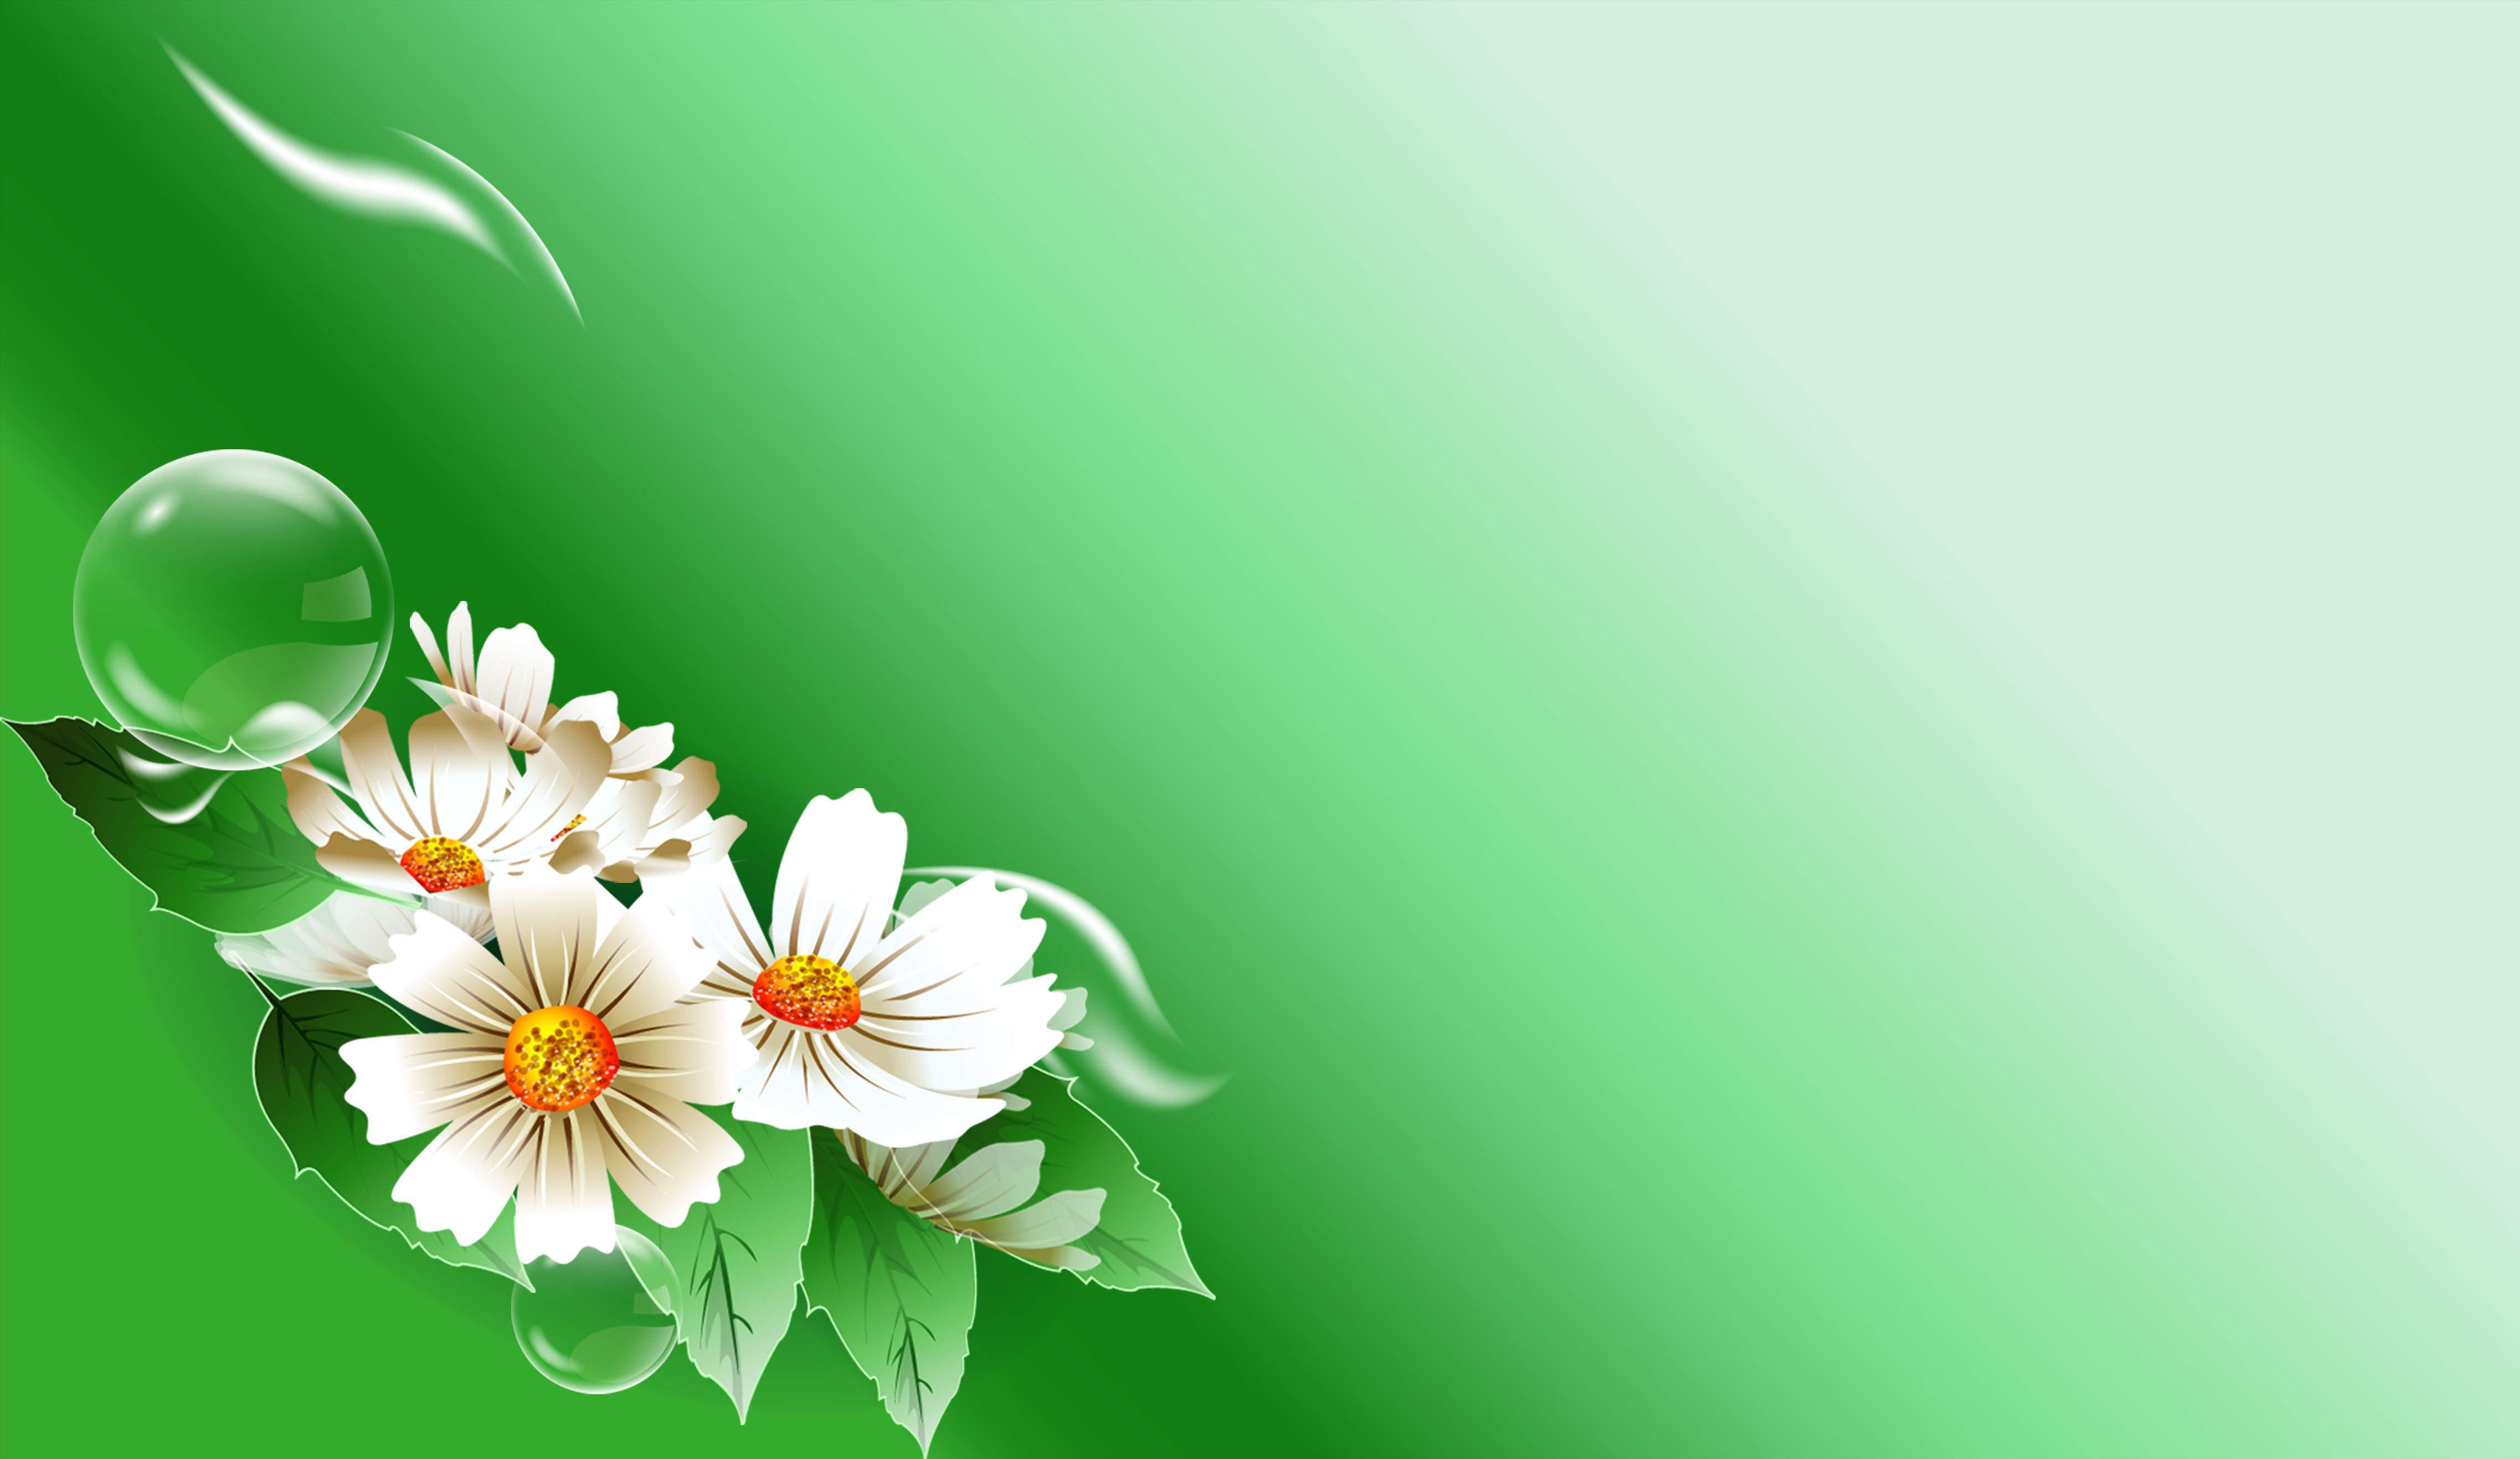 حبوب لقاح زهرة الربيع الزهور الخلفية Fresh Flowers Green Backgrounds Fresh Green